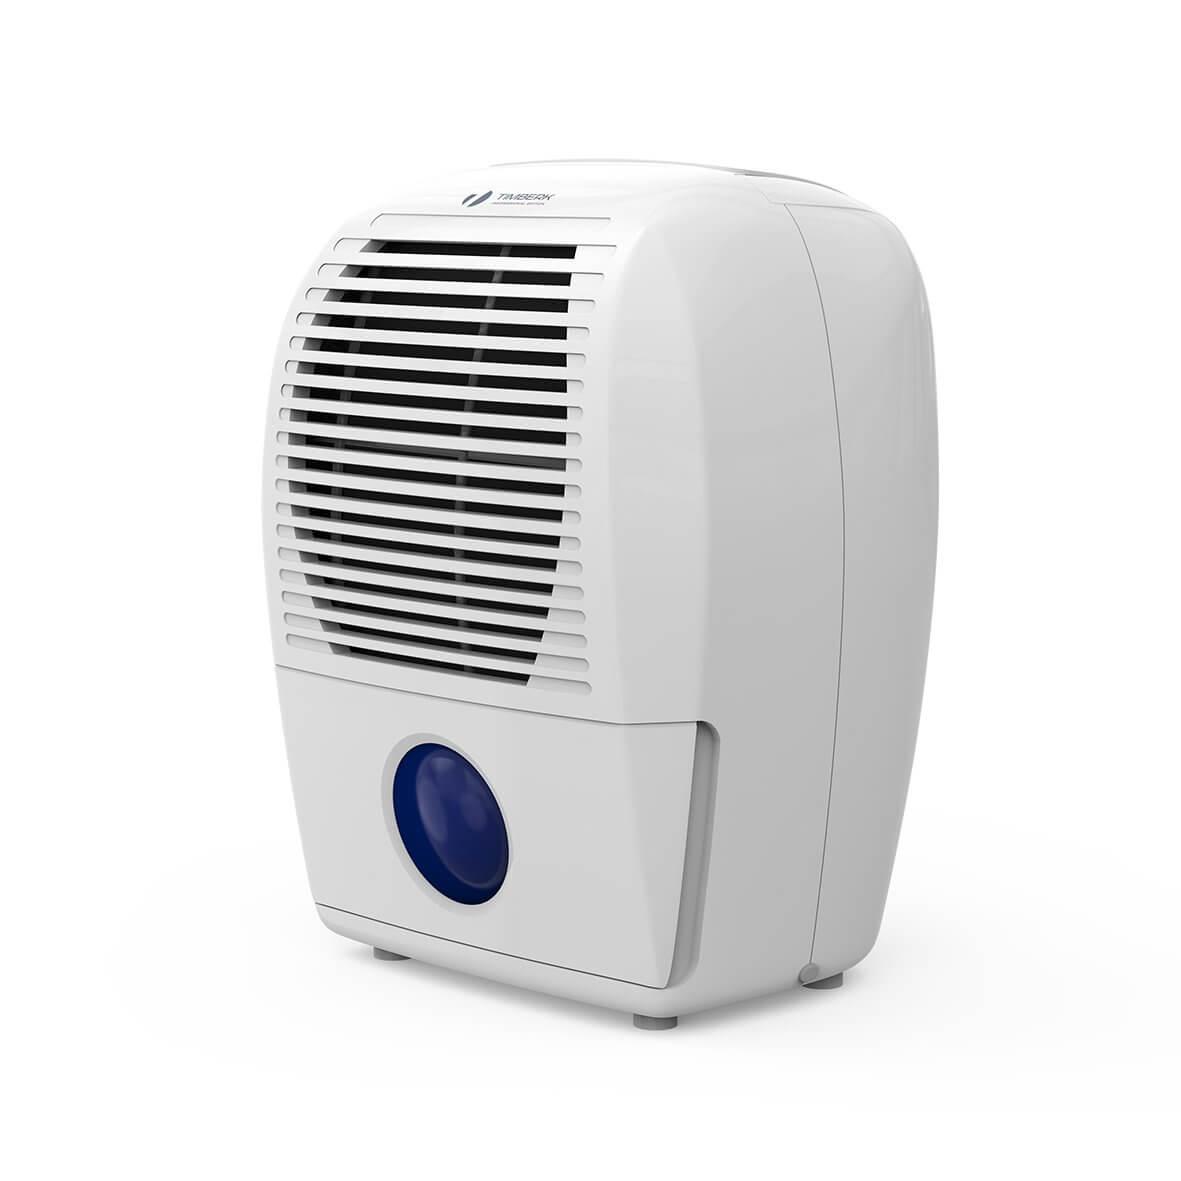 Купить осушитель воздуха Steba LE 100 (White) в Москве в каталоге осушителей воздуха с доставкой. Характеристики, цены в интернет-магазине iCover.